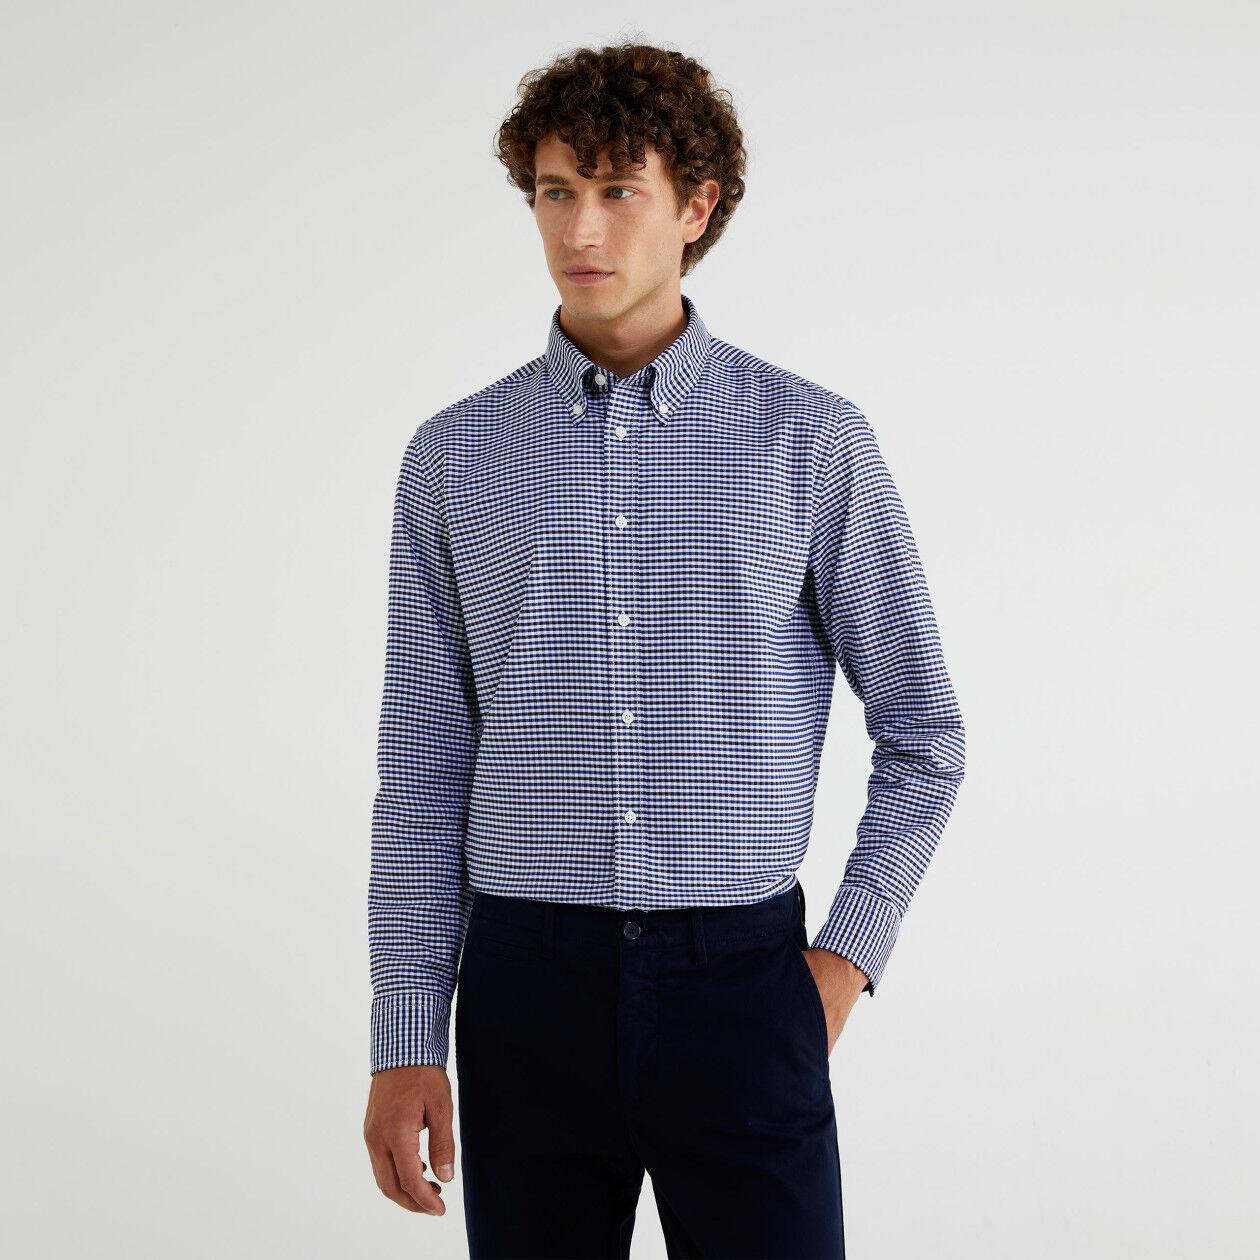 Camisa de cuadros con cuello abotonado